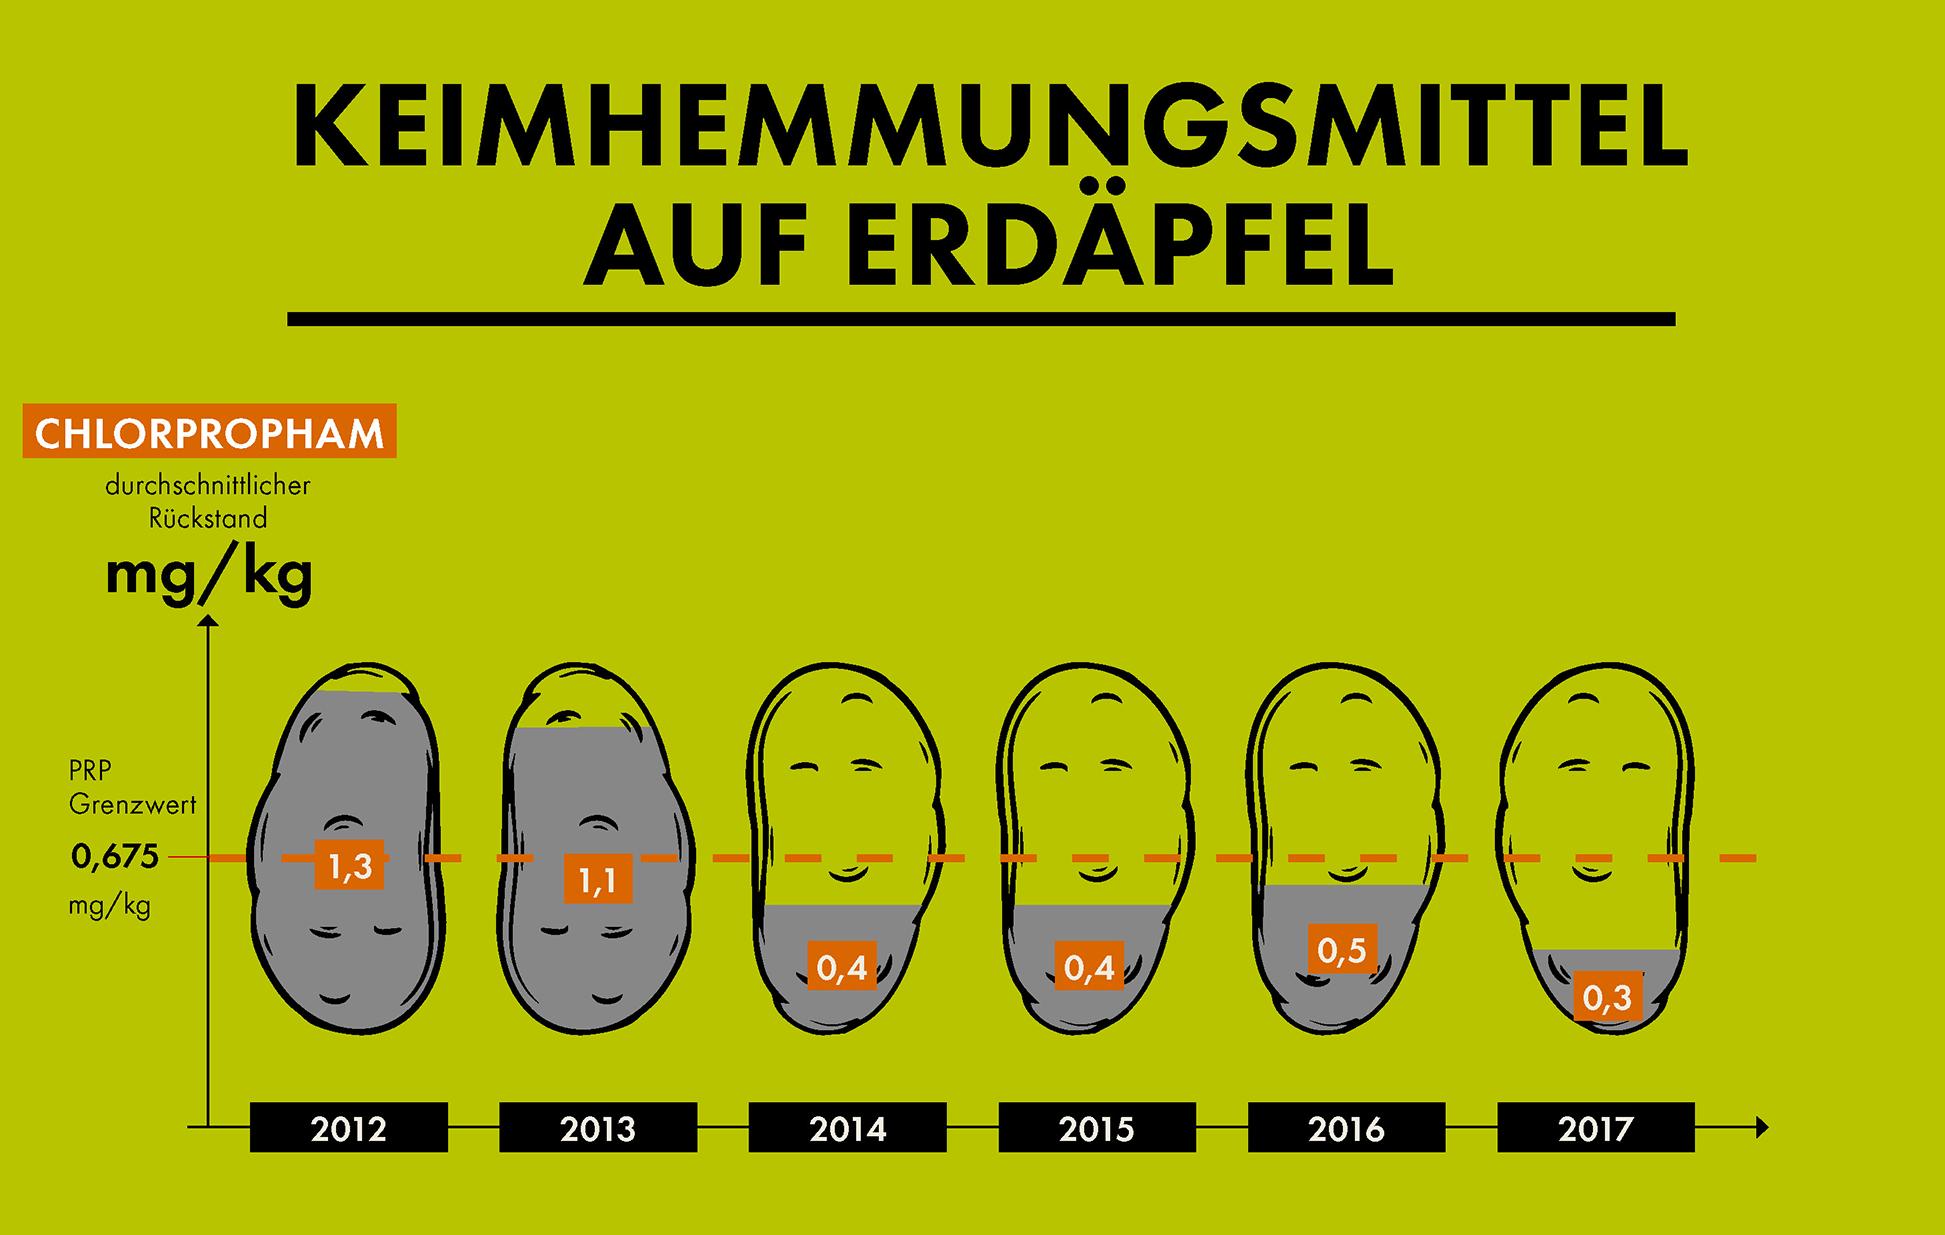 Grafik PRP Erfolge: Keimhemmungsmittel auf Erdäpfel